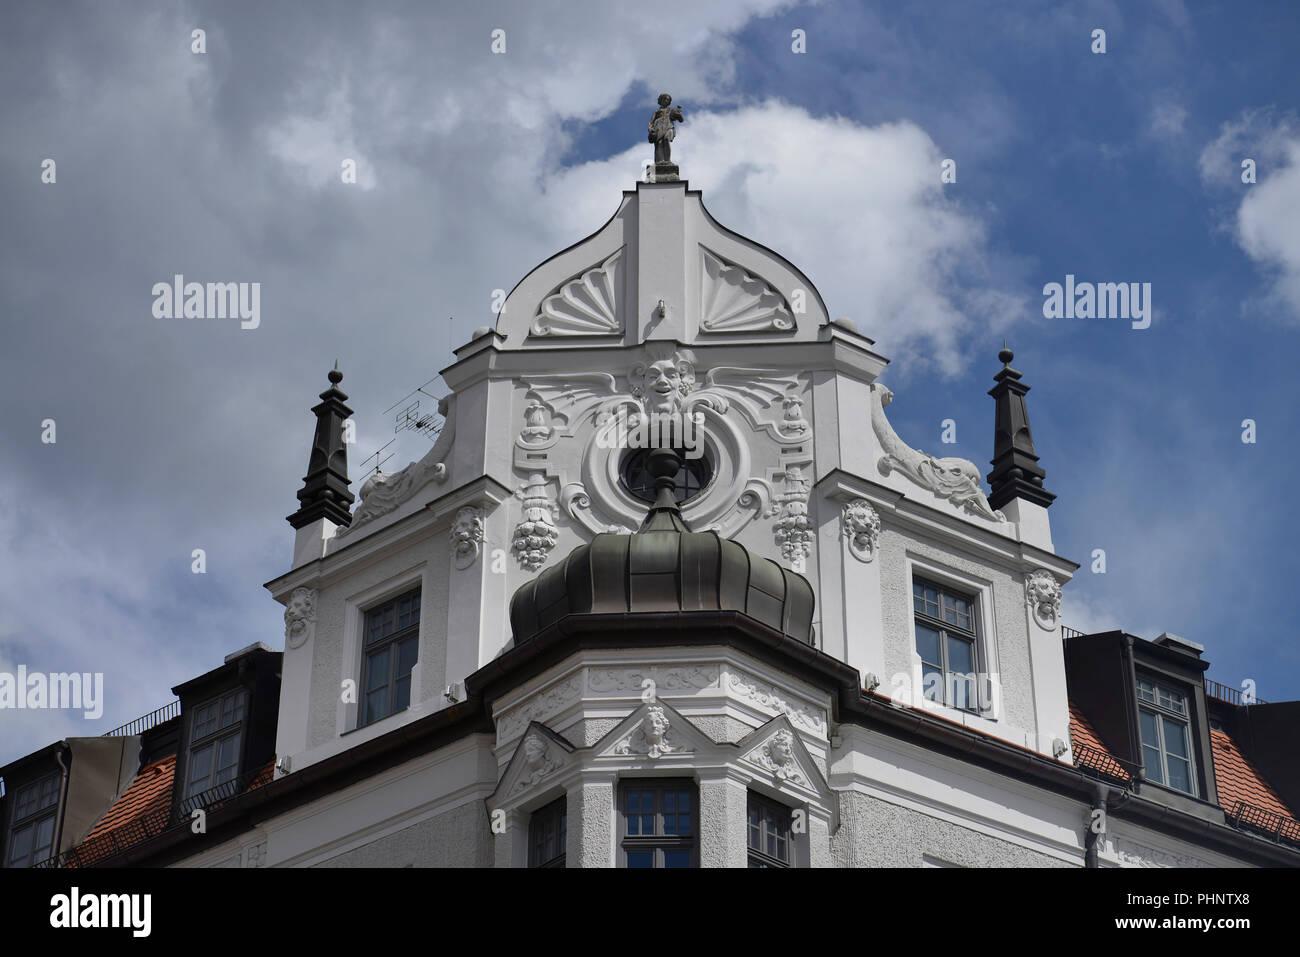 Stammhaus, Feinkost Kaefer, Prinzregentenstrasse, Muenchen, Bayern, Deutschland - Stock Image